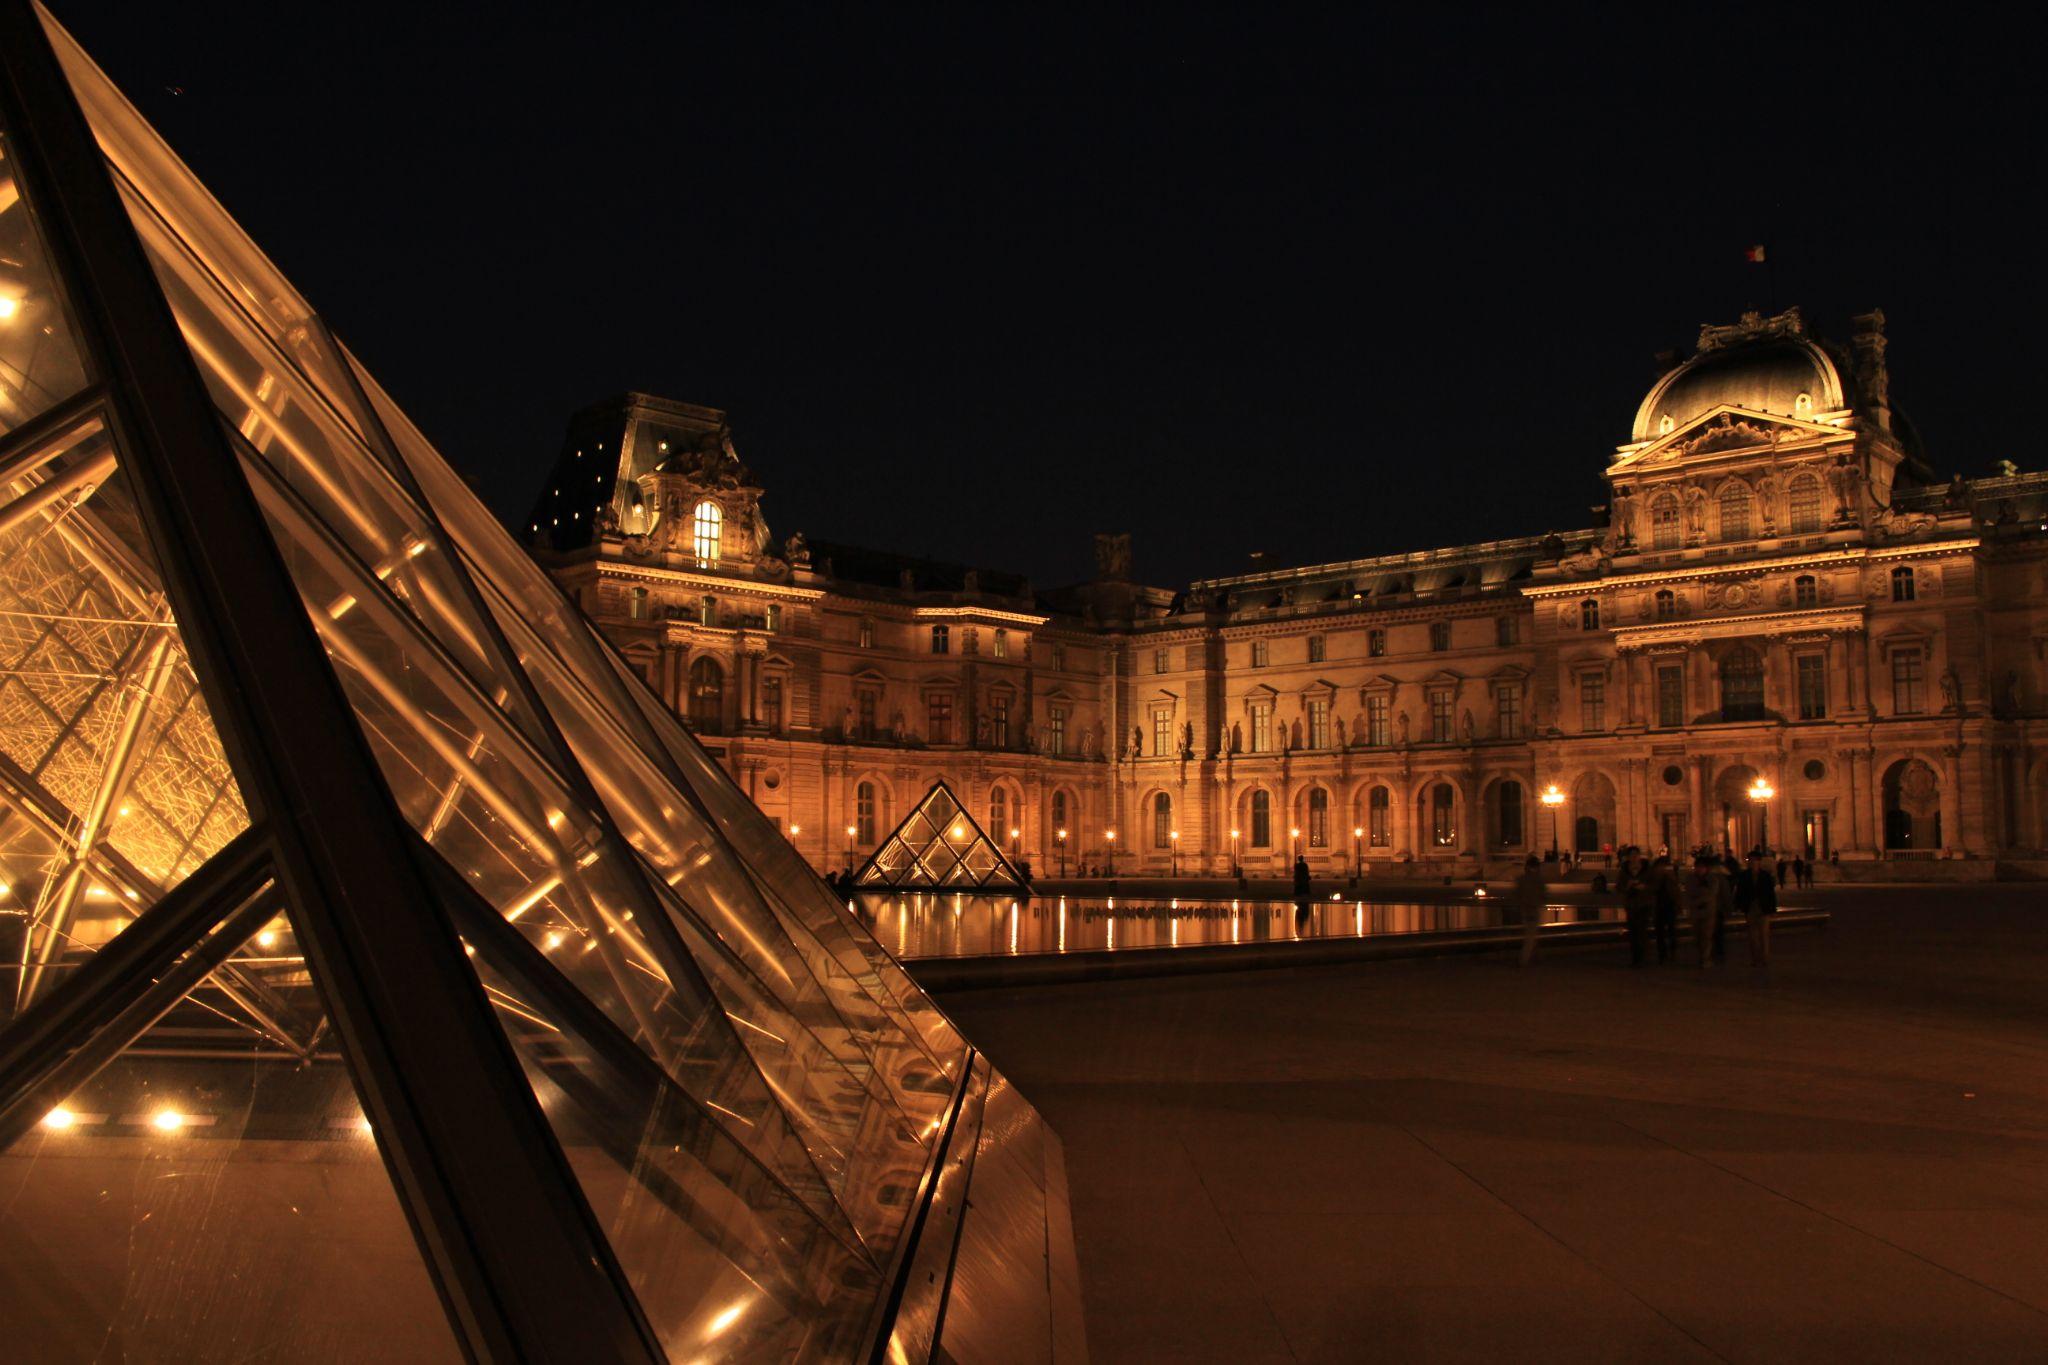 Louvre, Paris by felipmmelo